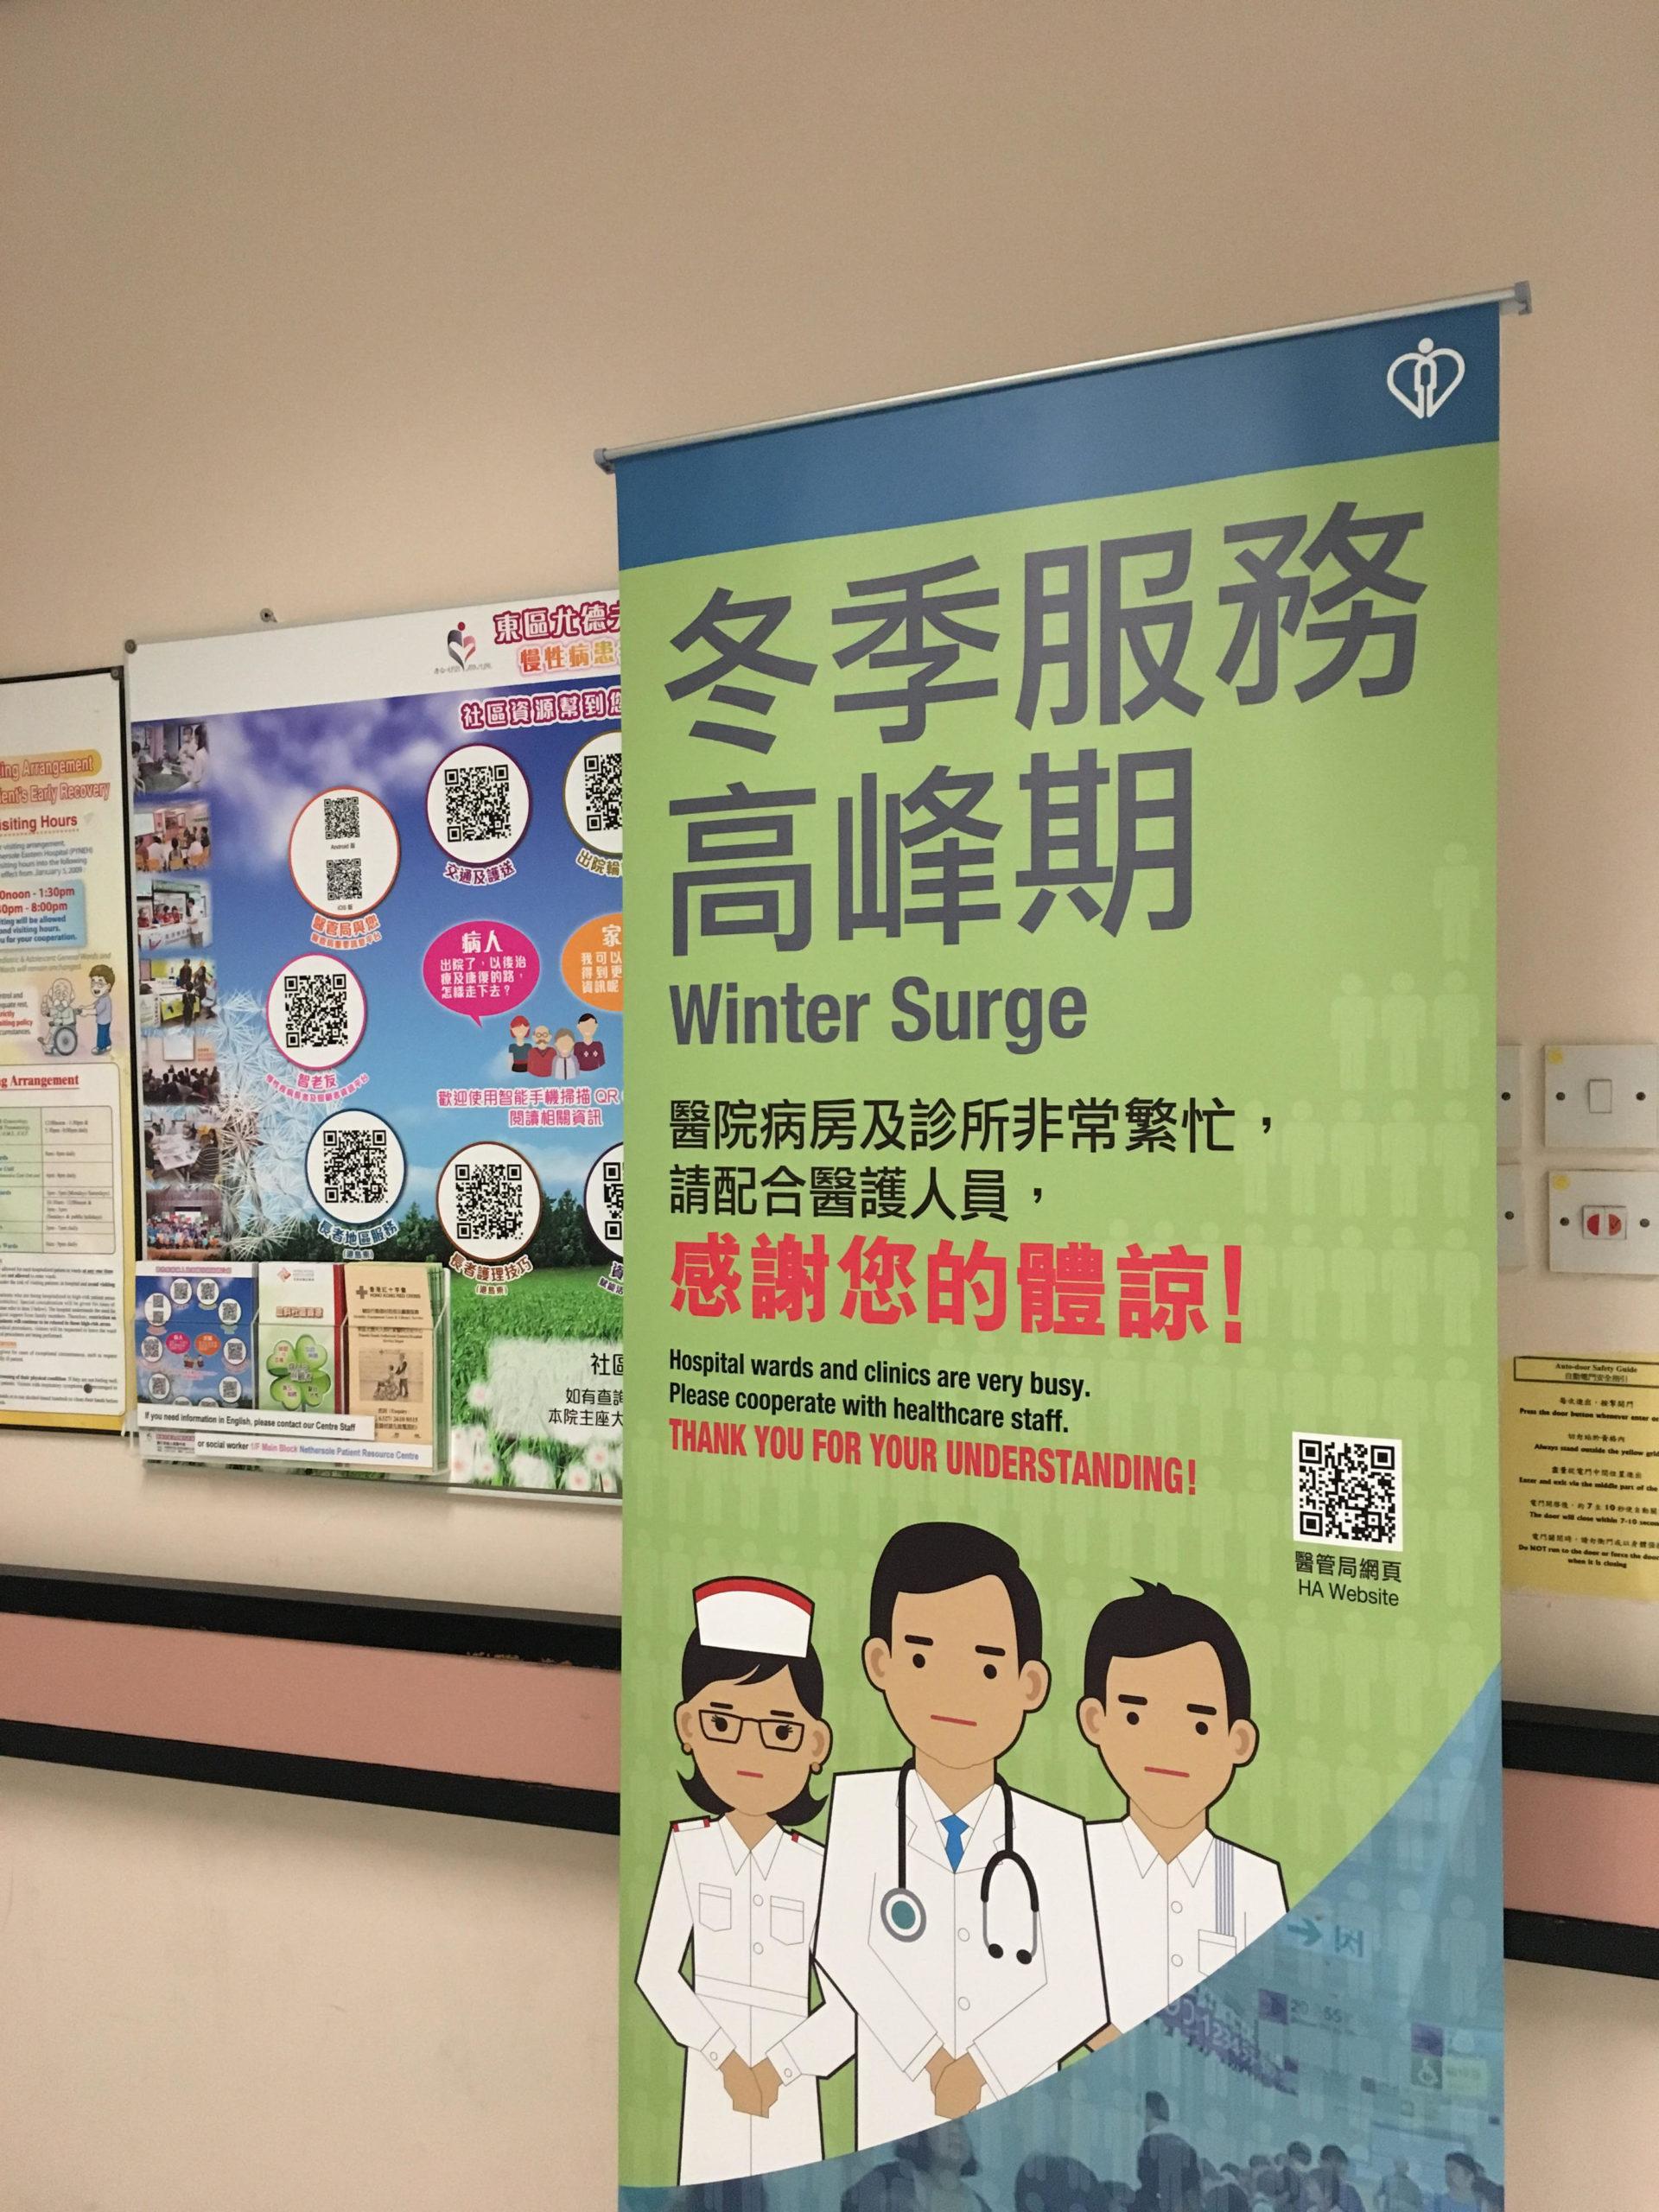 Hong_Kong_Judy_Chan_Hospital_notice_on_Winter_Surge.jpeg